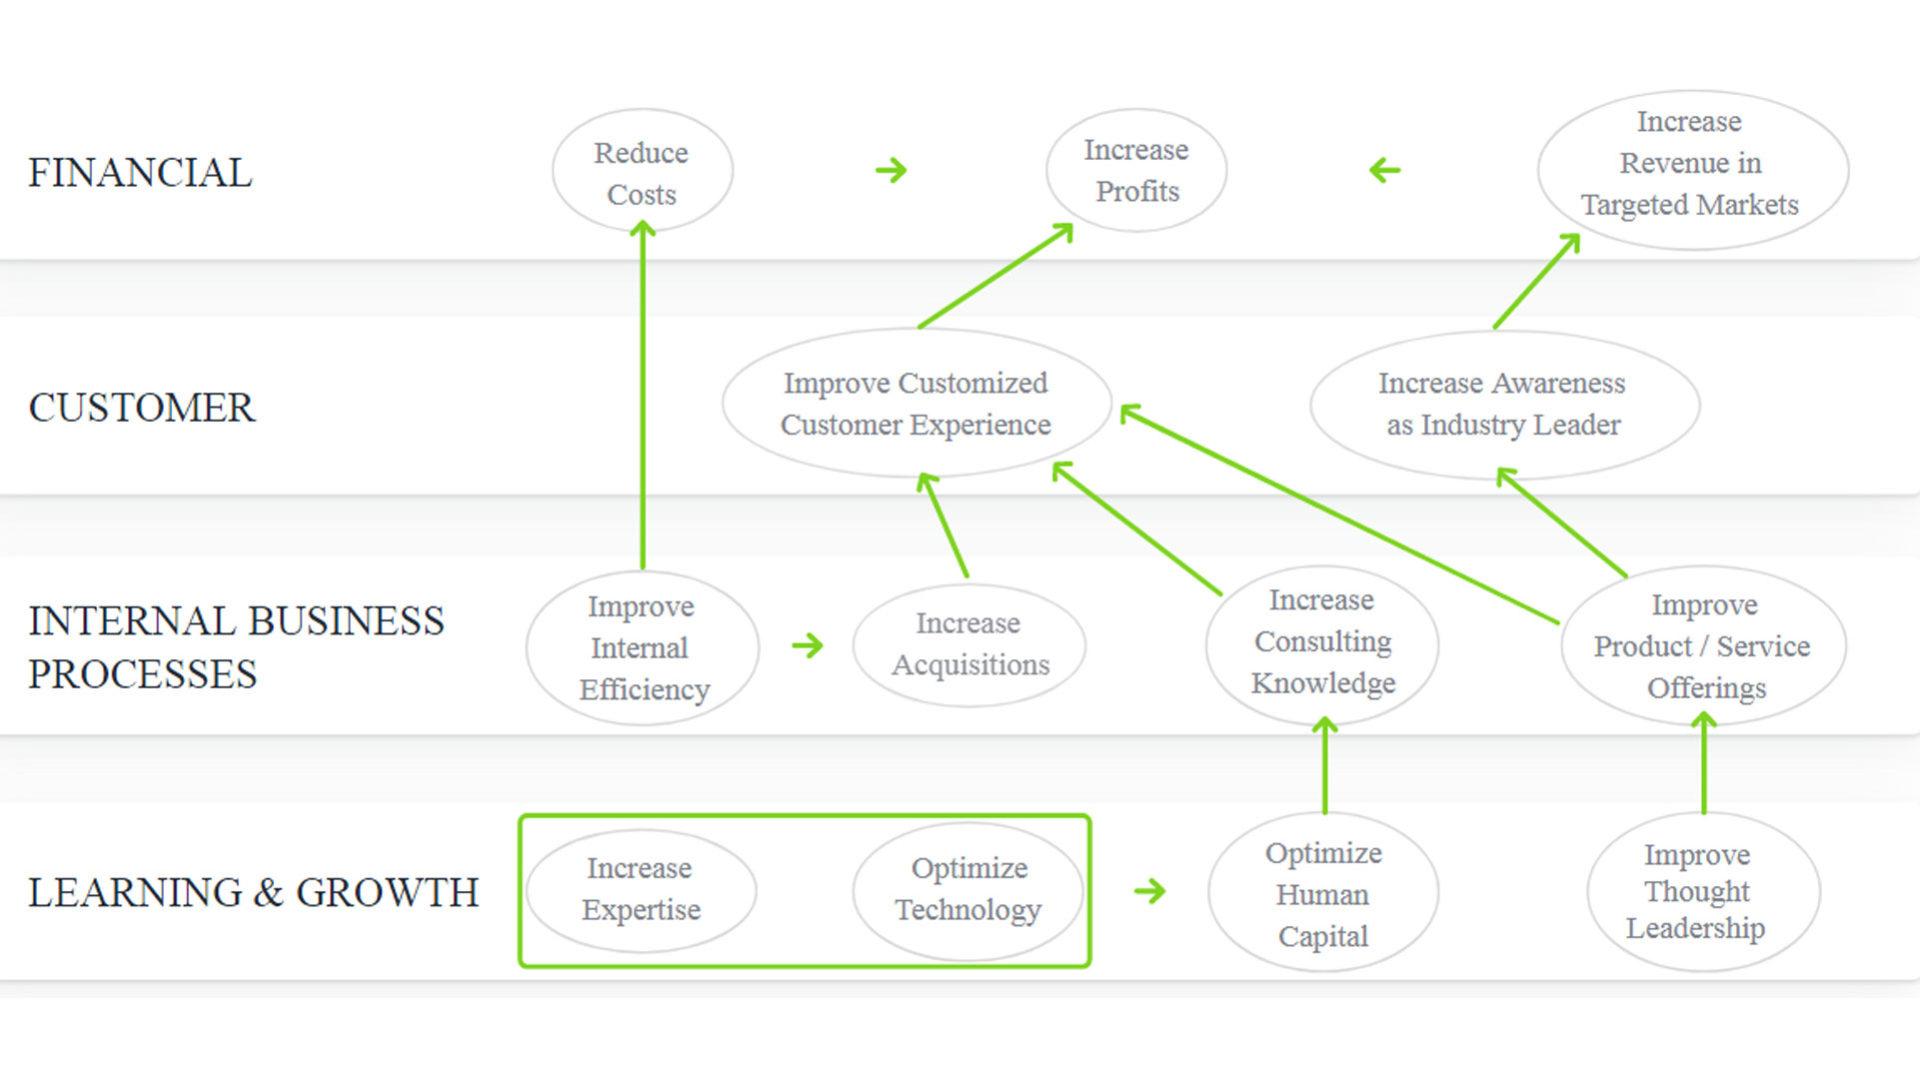 Grafico che mostra un Esempio di Strategy Maps con relazioni causali